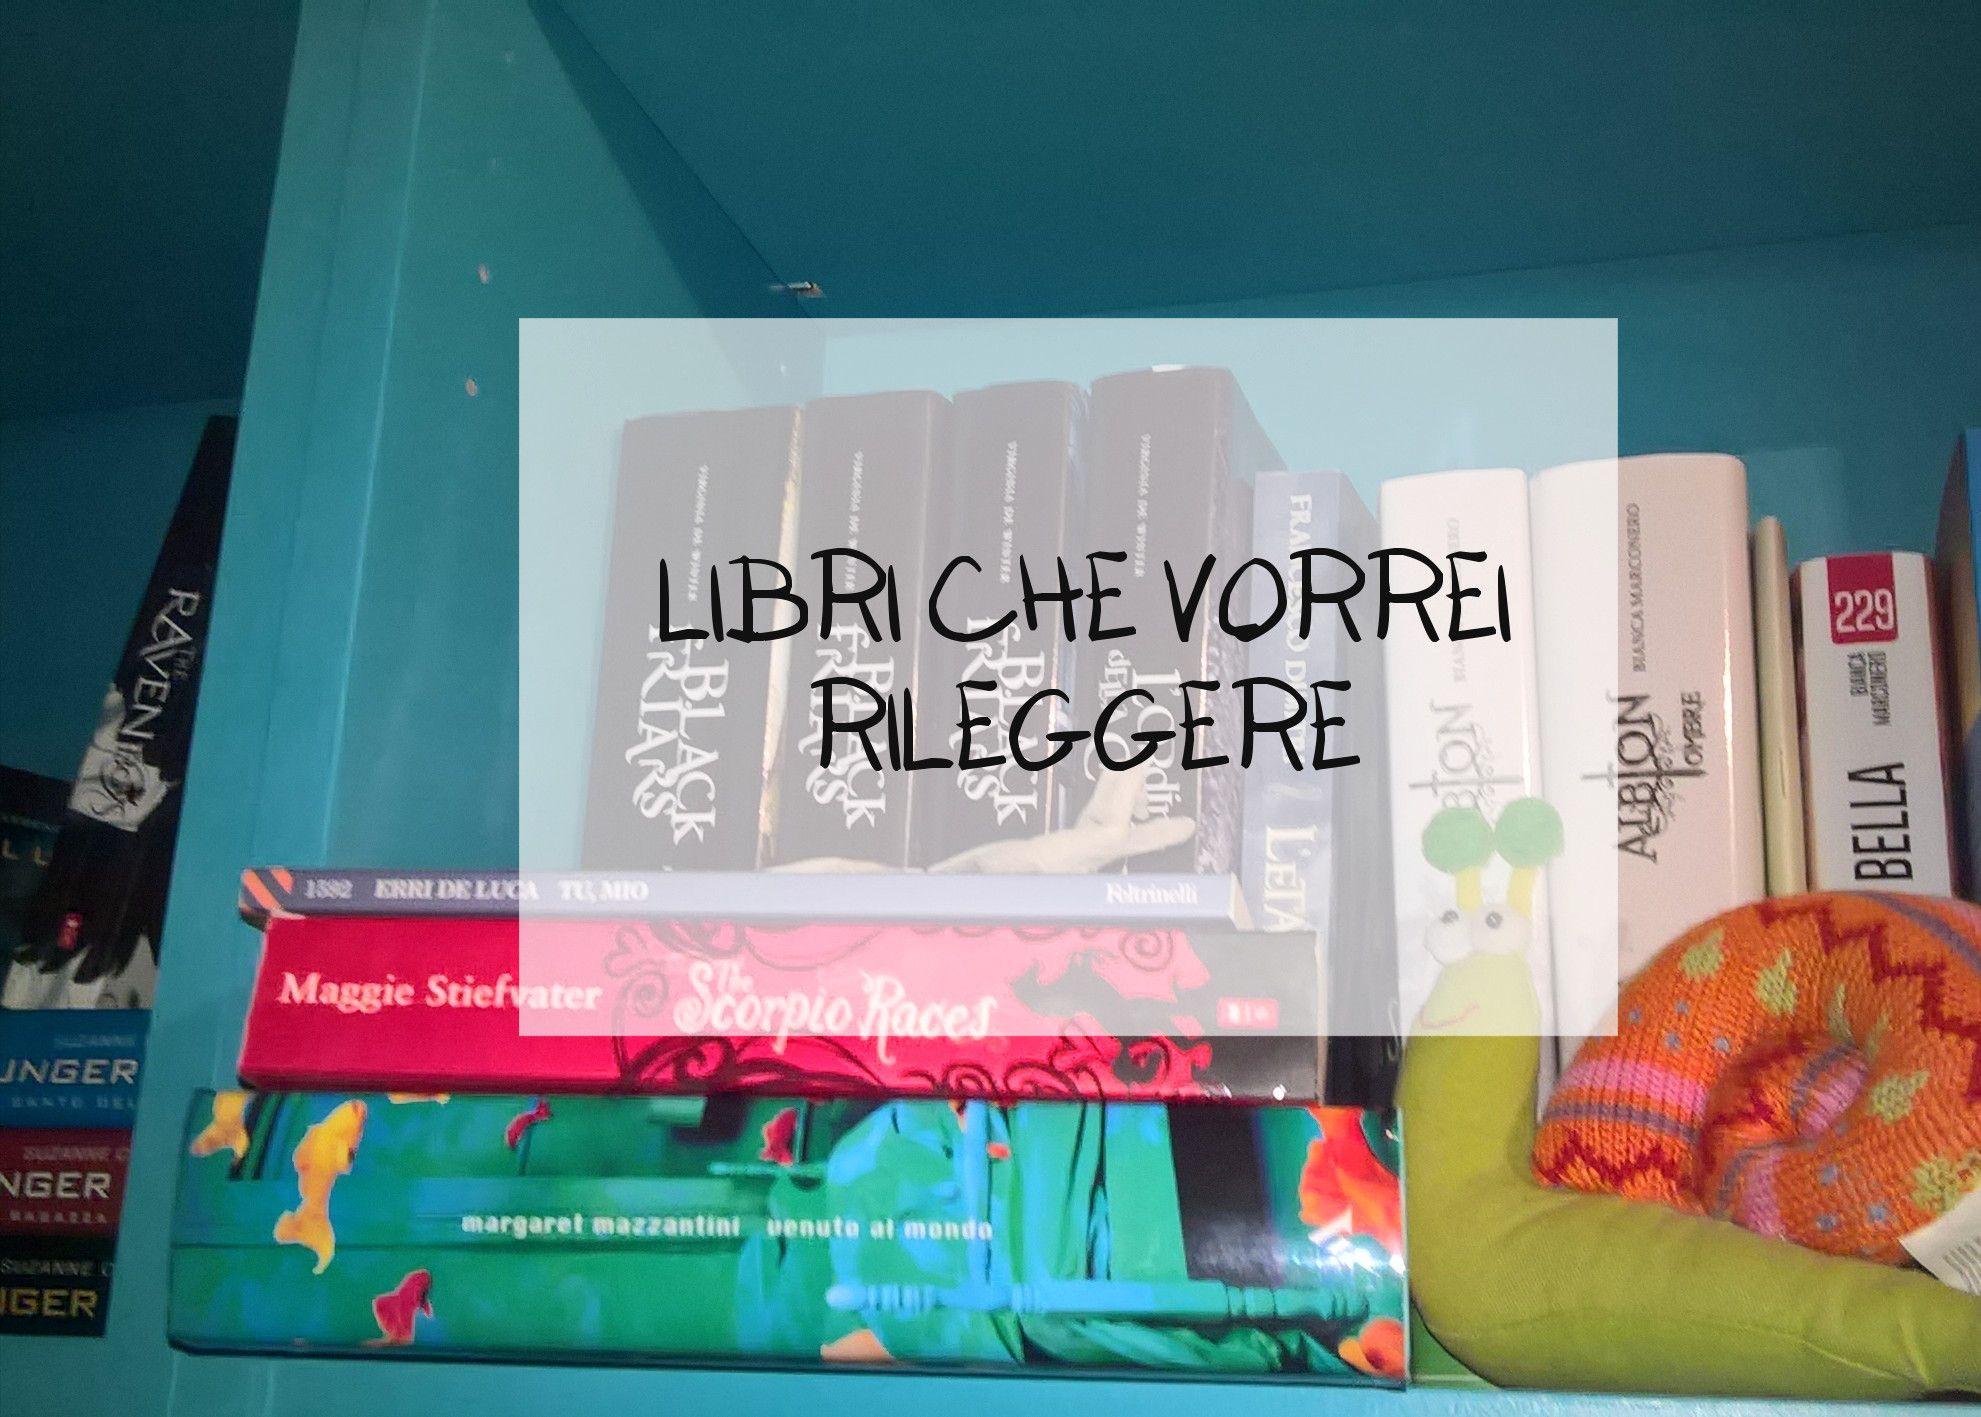 Libri che vorrei rileggere  #rileggere #rereadingbooks